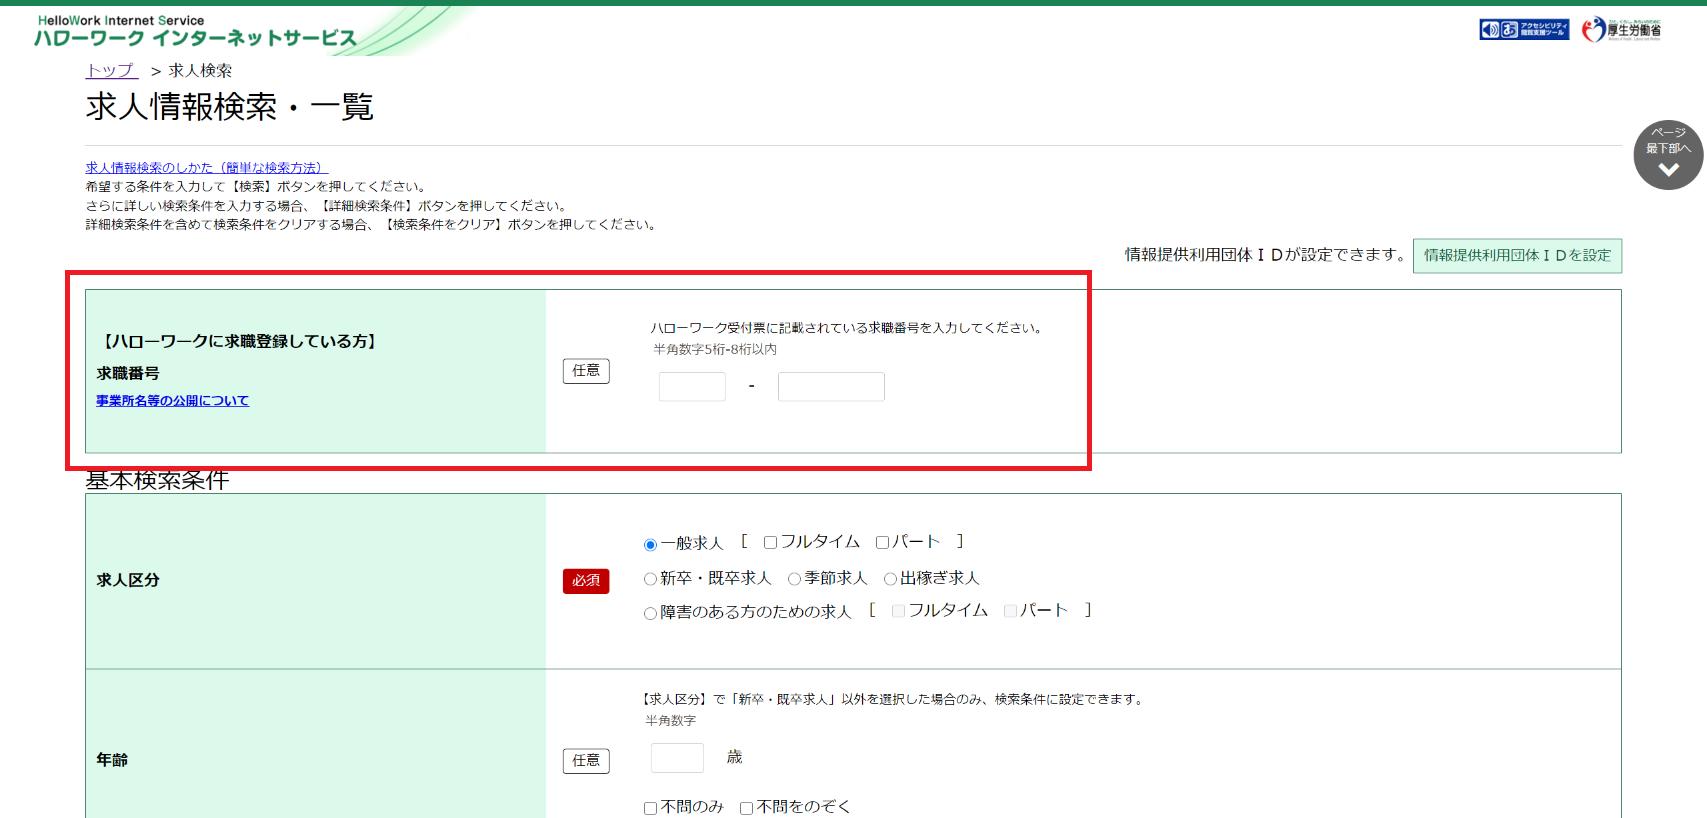 ハローワークインターネットサービス求人検索